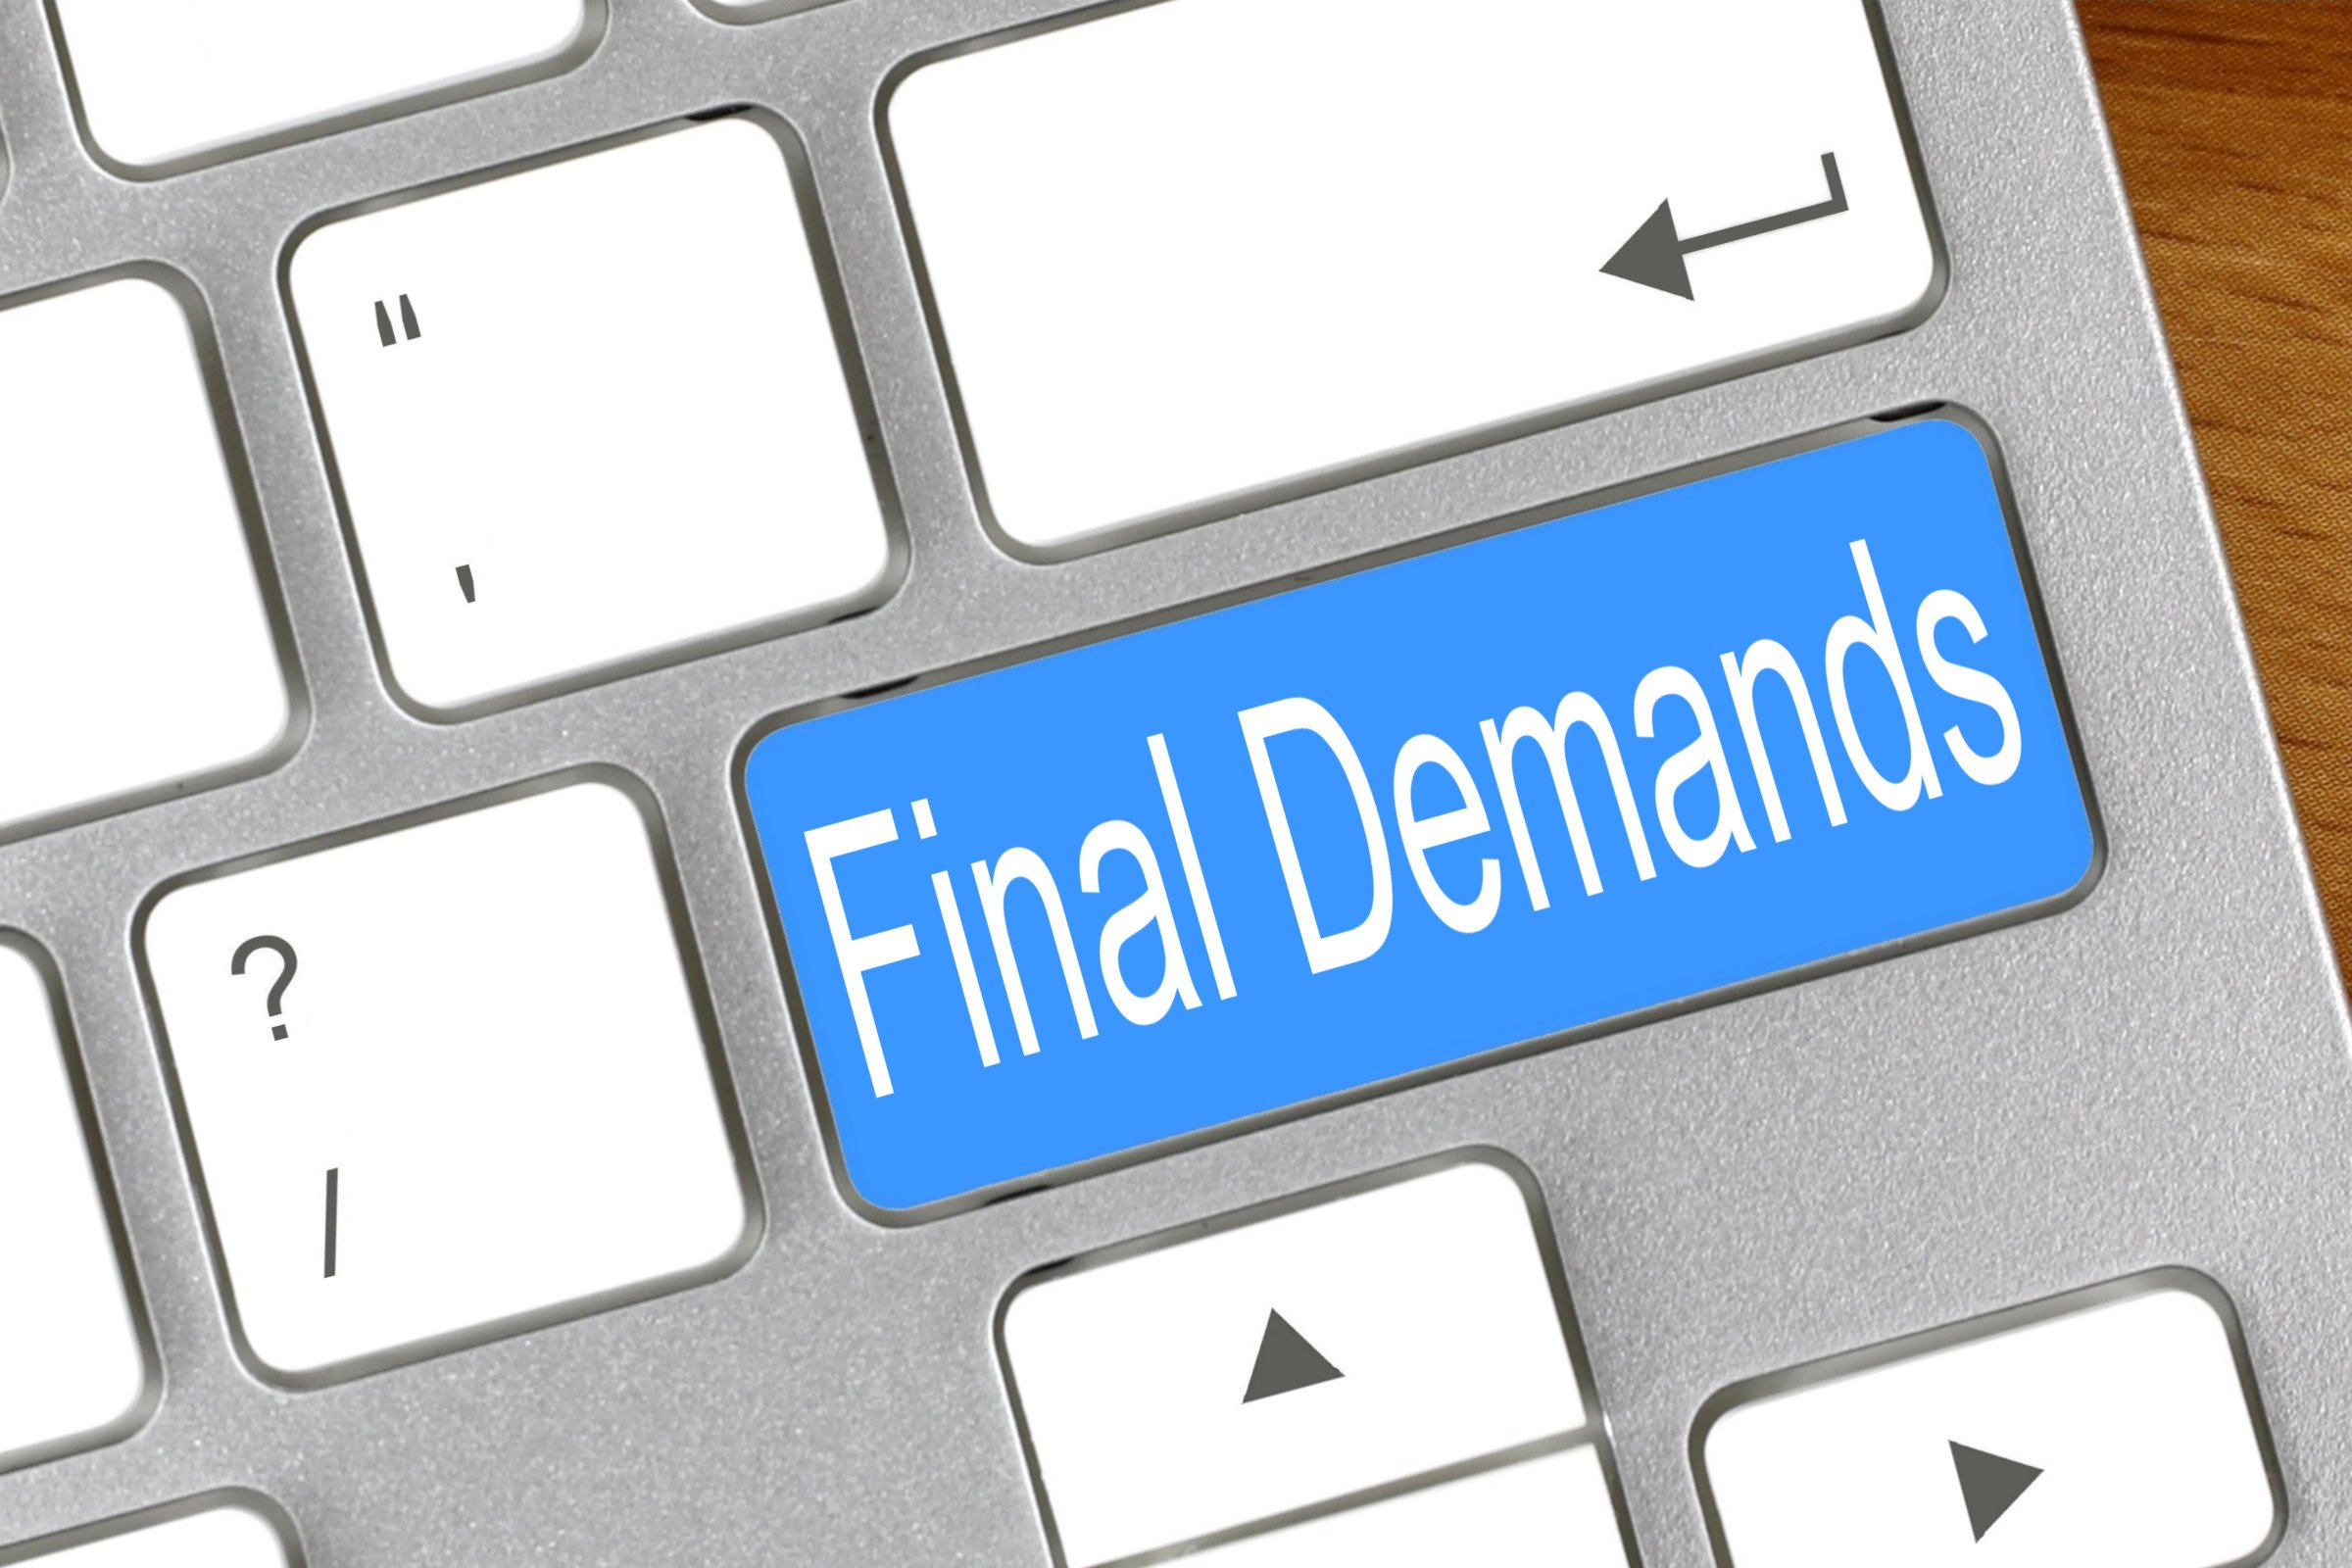 Final Demands